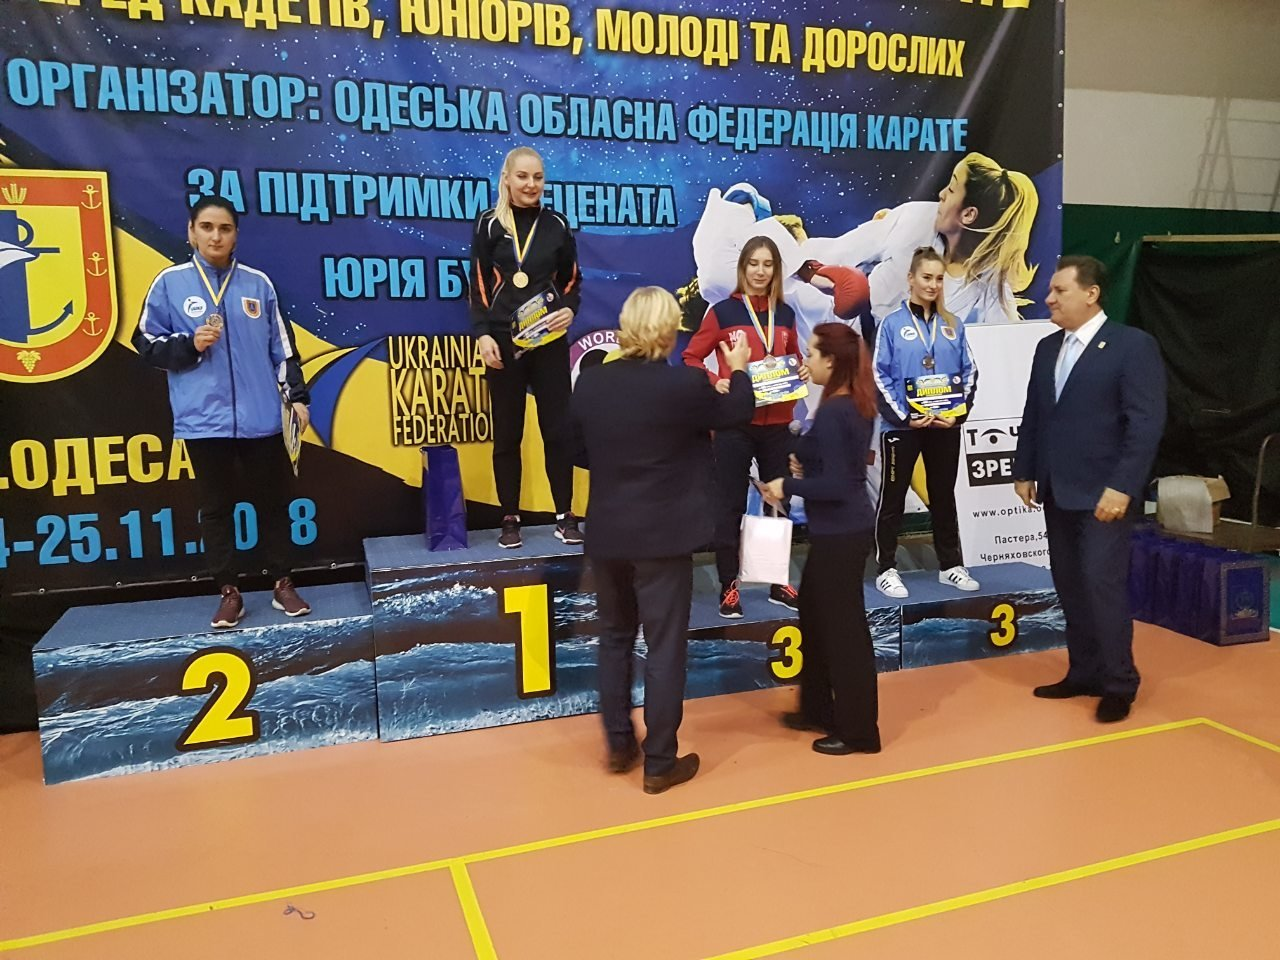 Лучшие из лучших: «Катана порт Черноморск» в составе Одесской области заняла 1 место на Чемпионате Украины по карате, фото-8